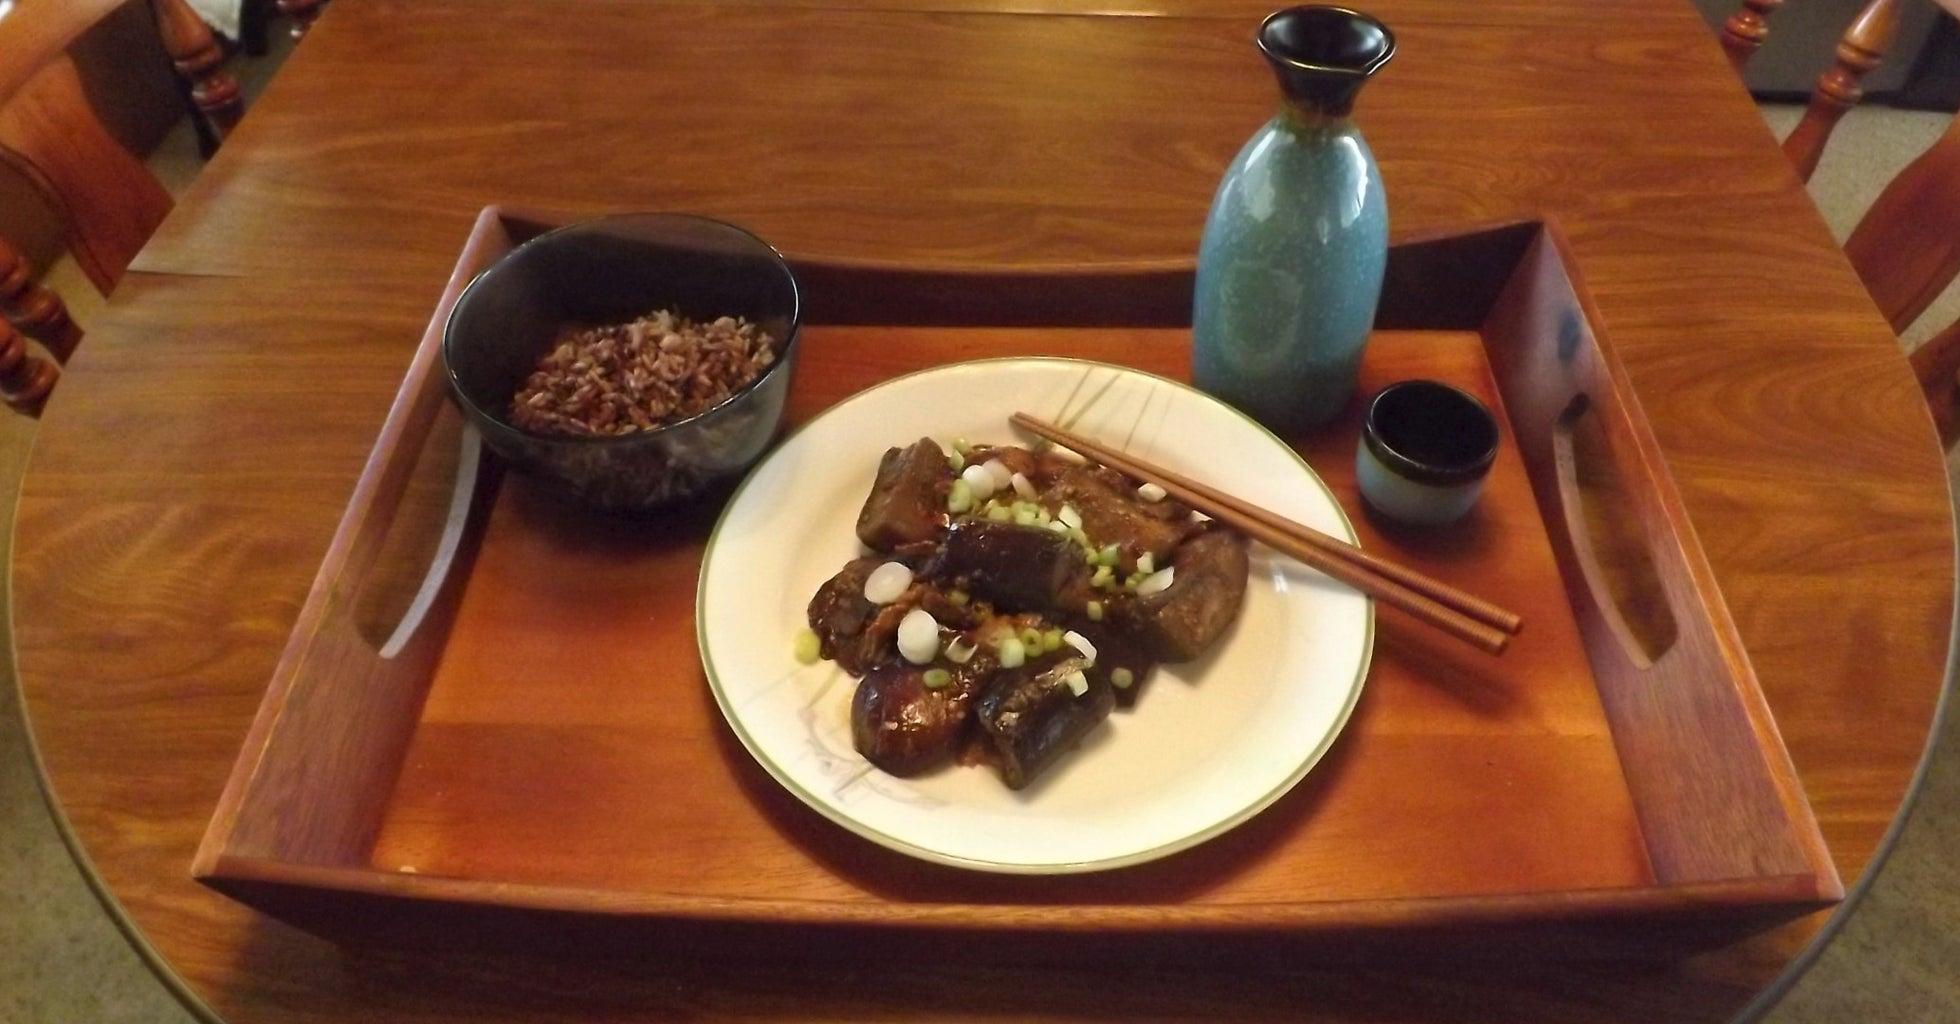 SPICY GARLIC EGGPLANT WITH SHIITAKE MUSHROOMS (Yǔ Xiānggū Yú Xiāng Qiézi)